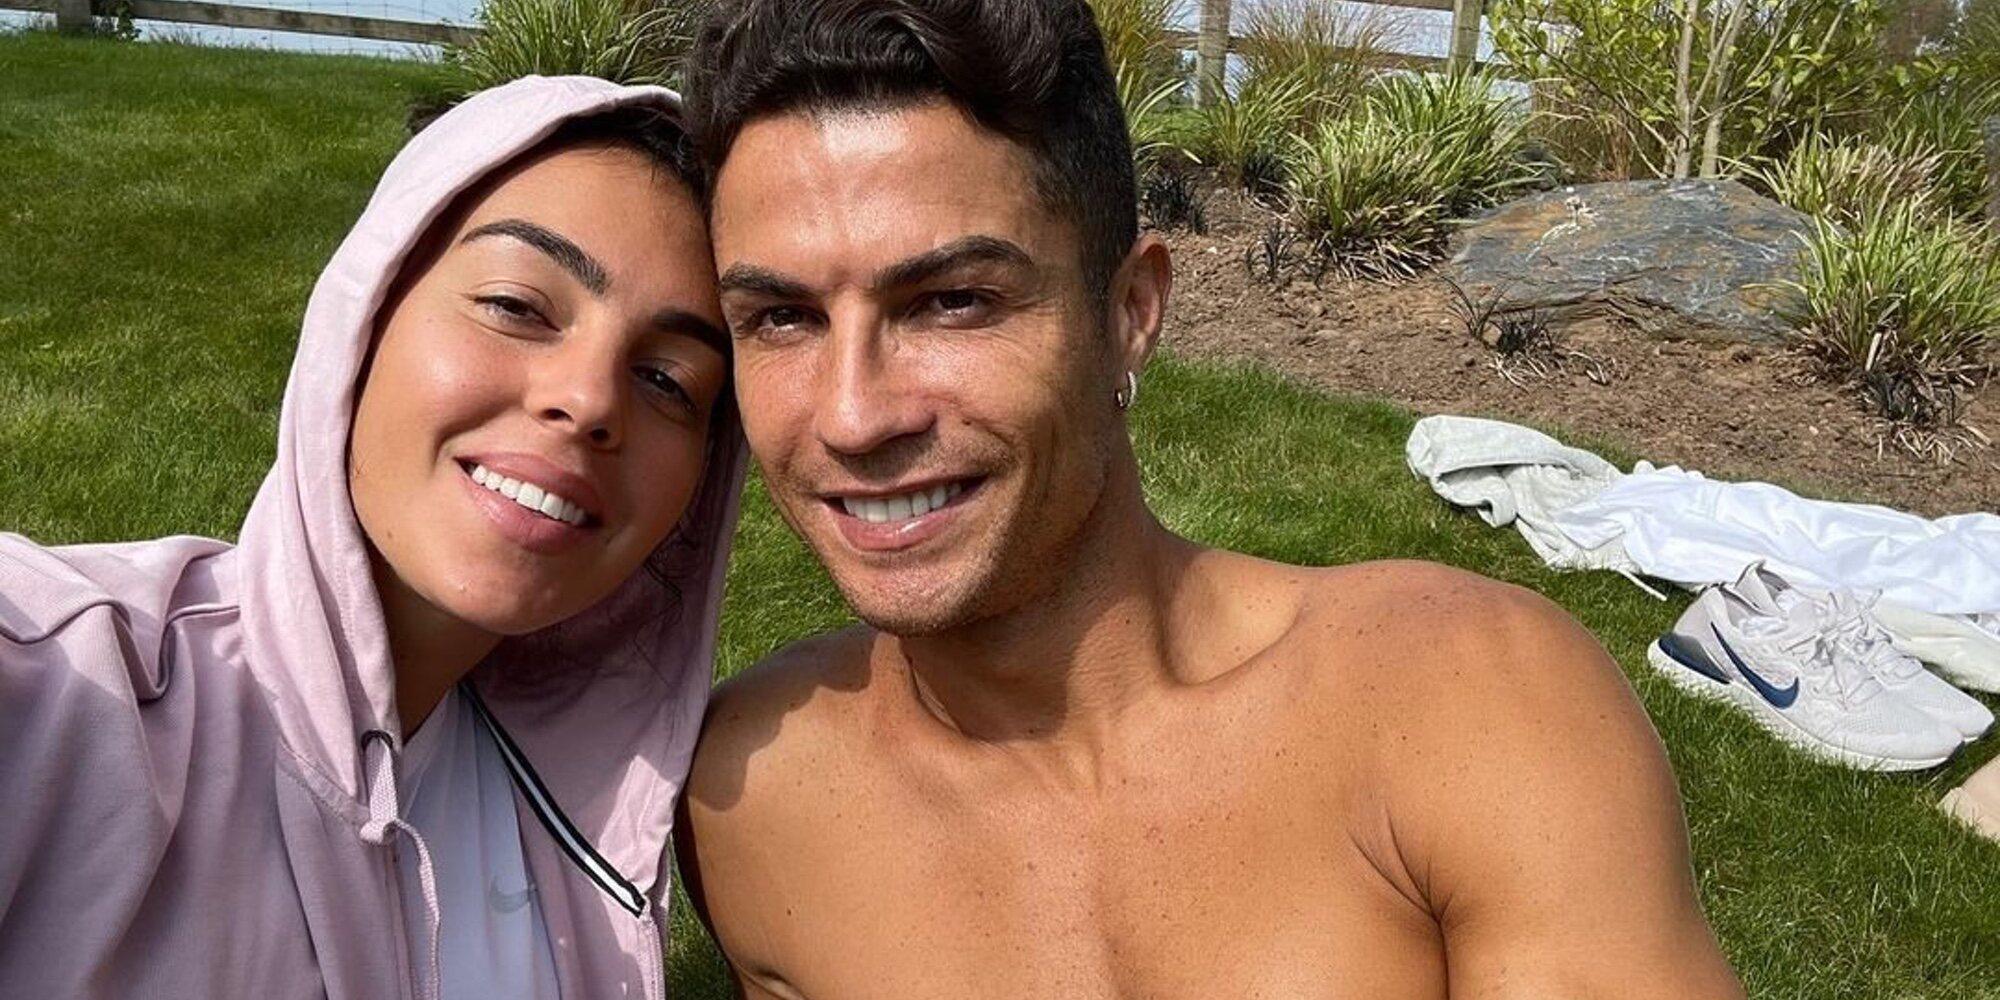 El motivo por el que Cristiano Ronaldo y Georgina Rodríguez se han cambiado de mansión en Manchester